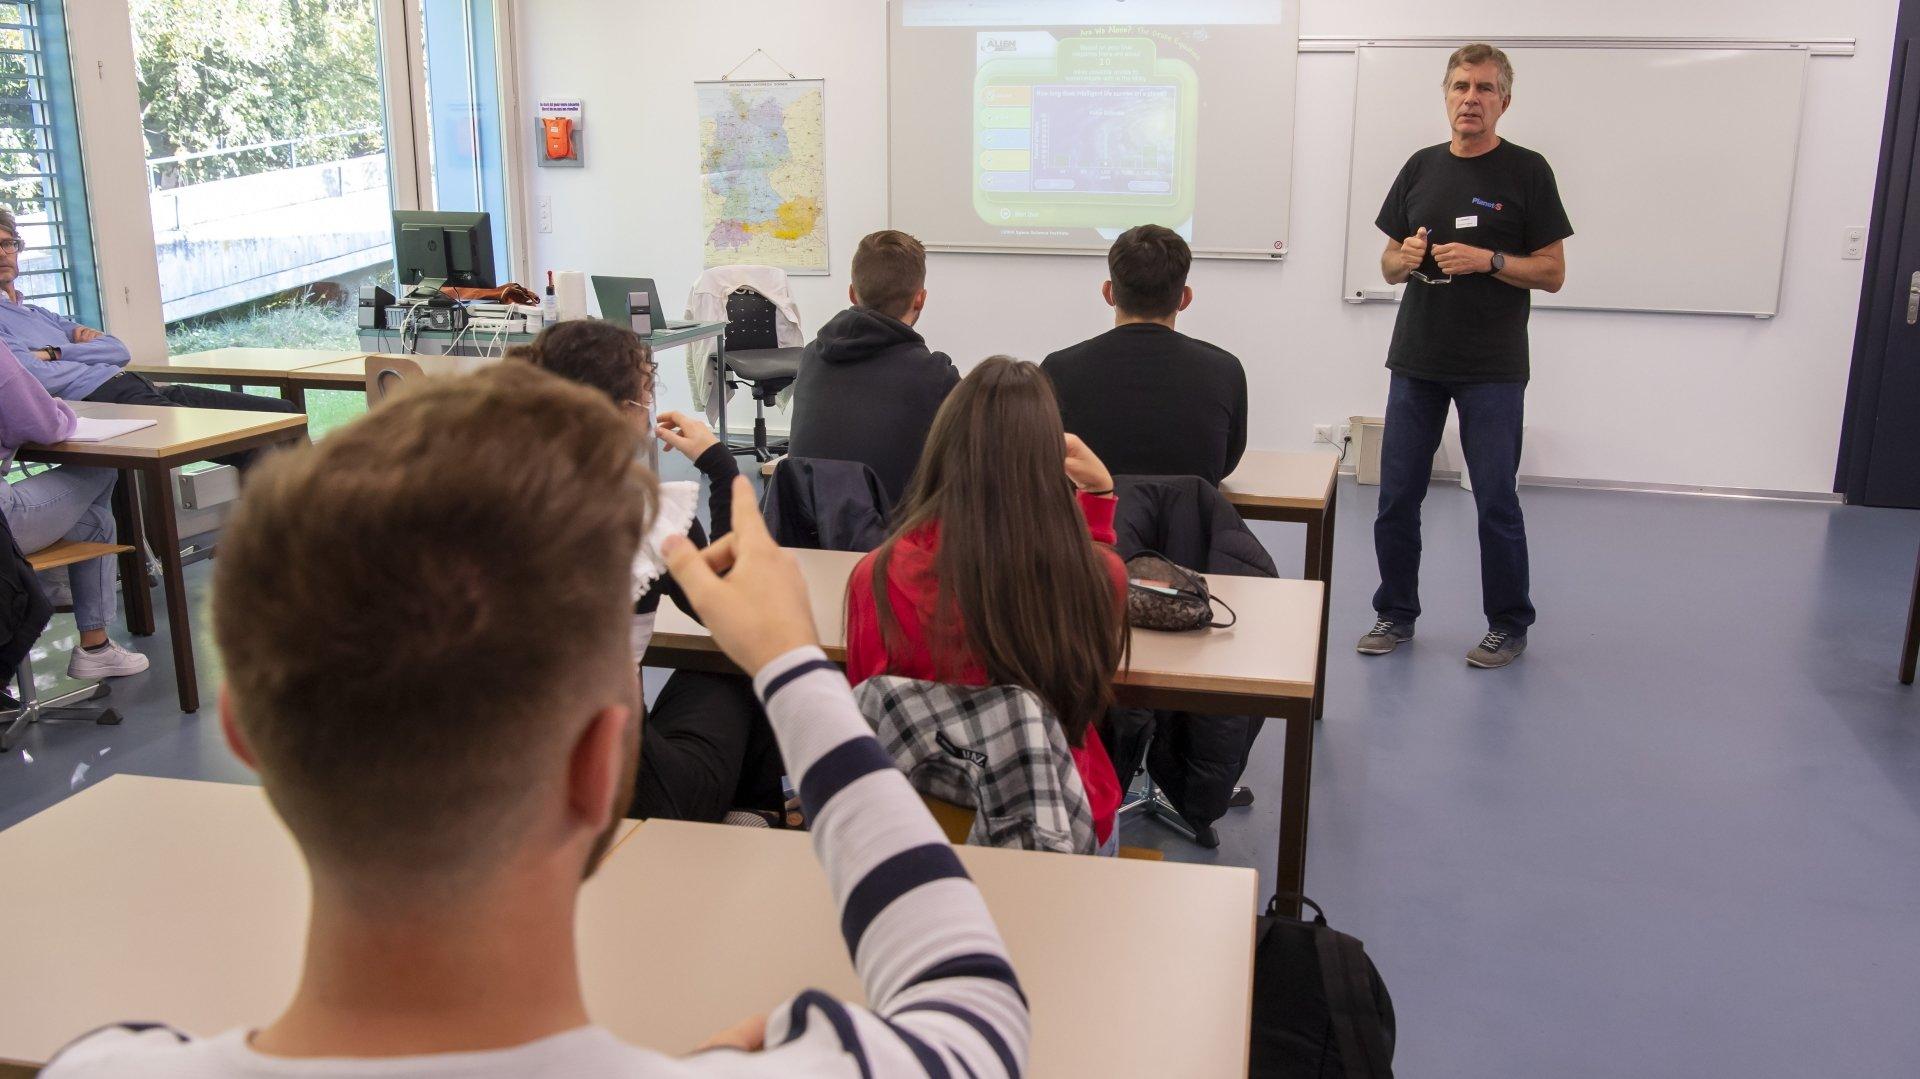 L'astronome Pierre Bratschi a présenté aux étudiants les approches scientifiques visant à déterminer l'existence, ou non, d'une vie extraterrestre.